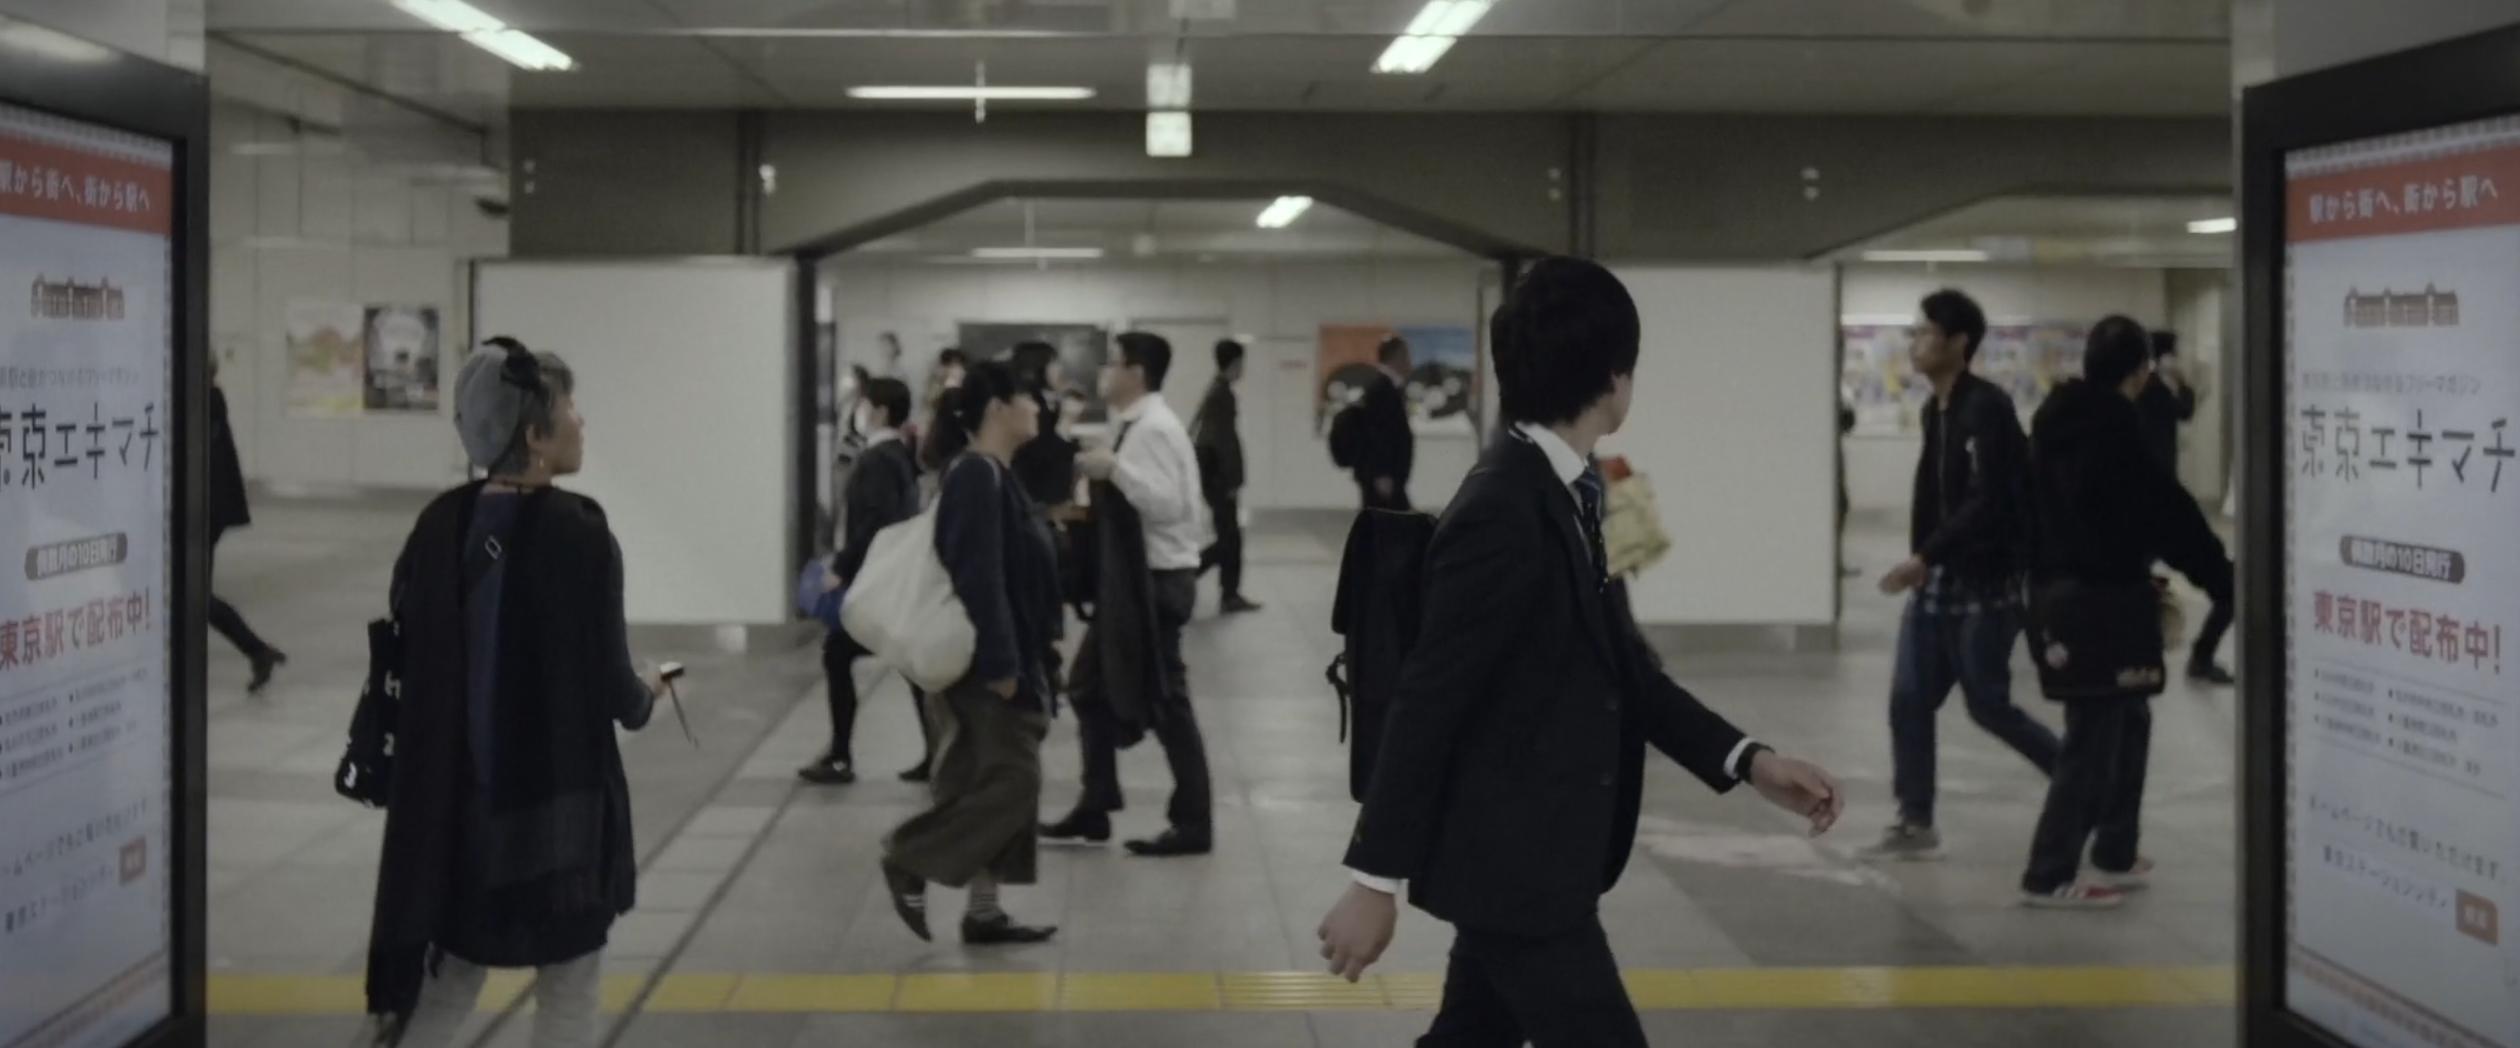 Ce film de 4 minutes propose un voyage express au Japon, entre tradition et modernité ! By Thomas R. Court-metrage-beaute-japon-5